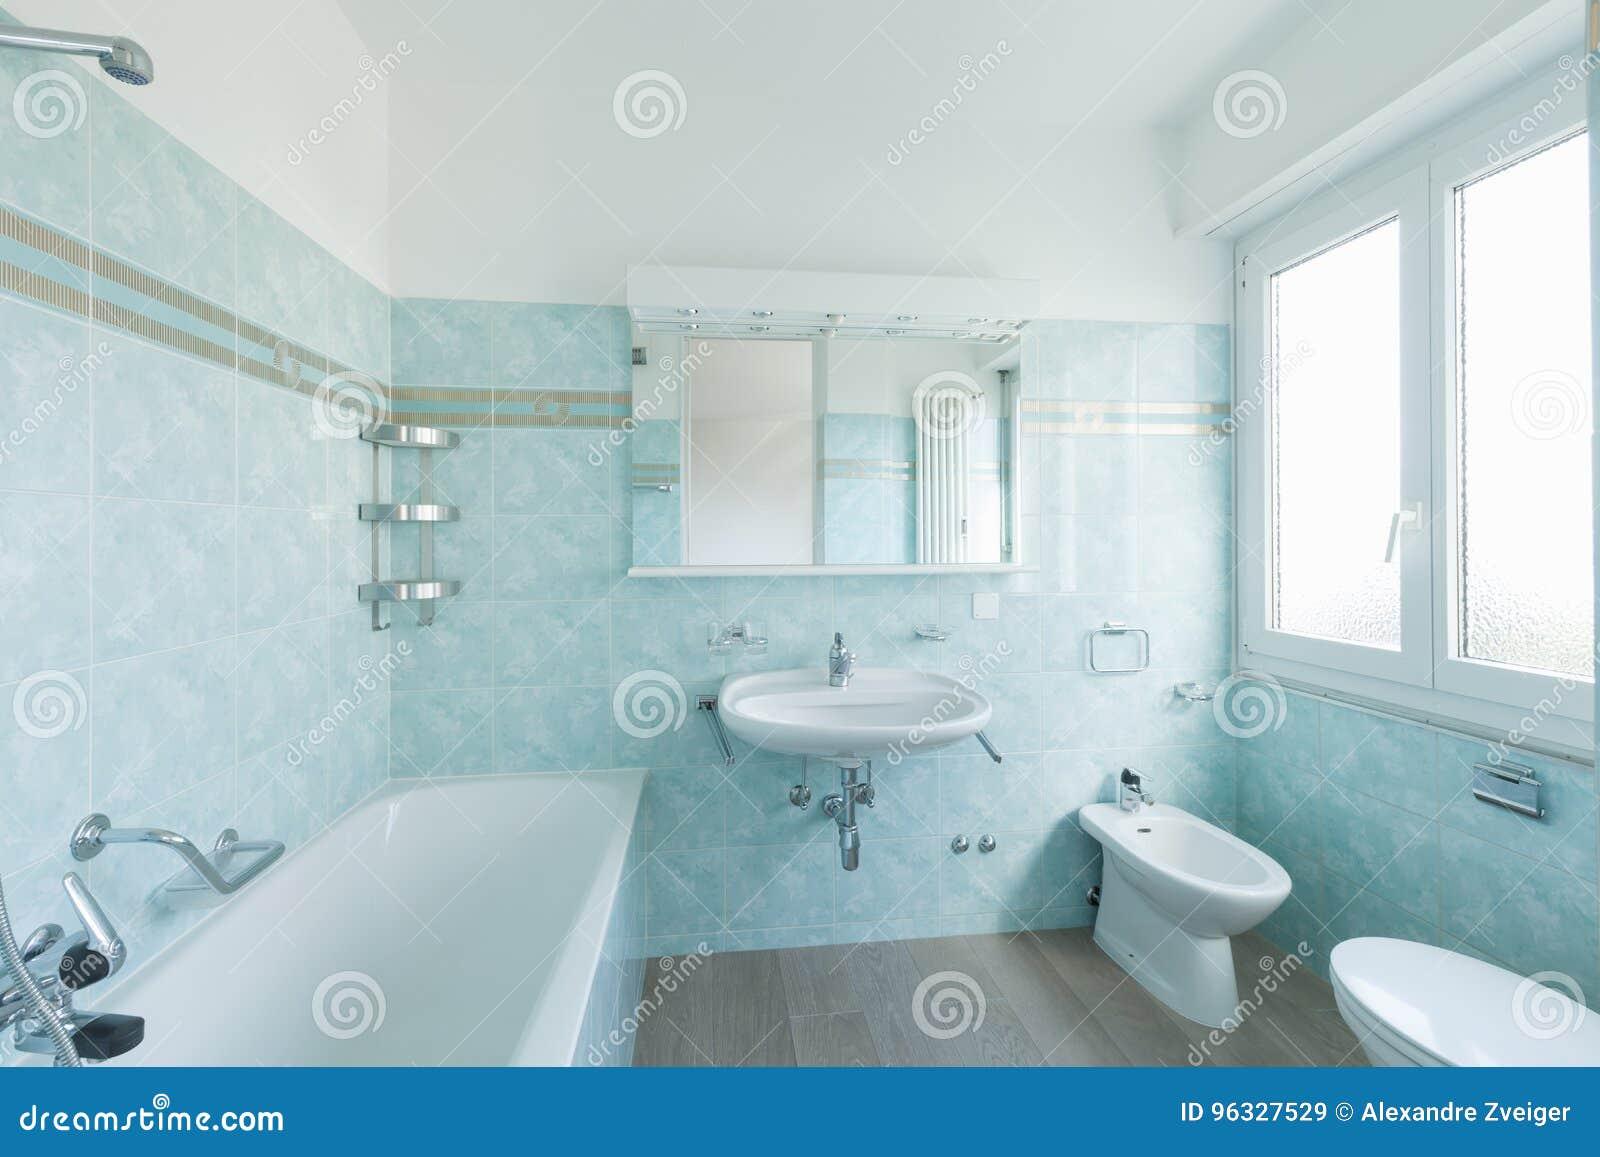 Salle De Bains De Bleu De Vintage Image stock - Image du bleu ...